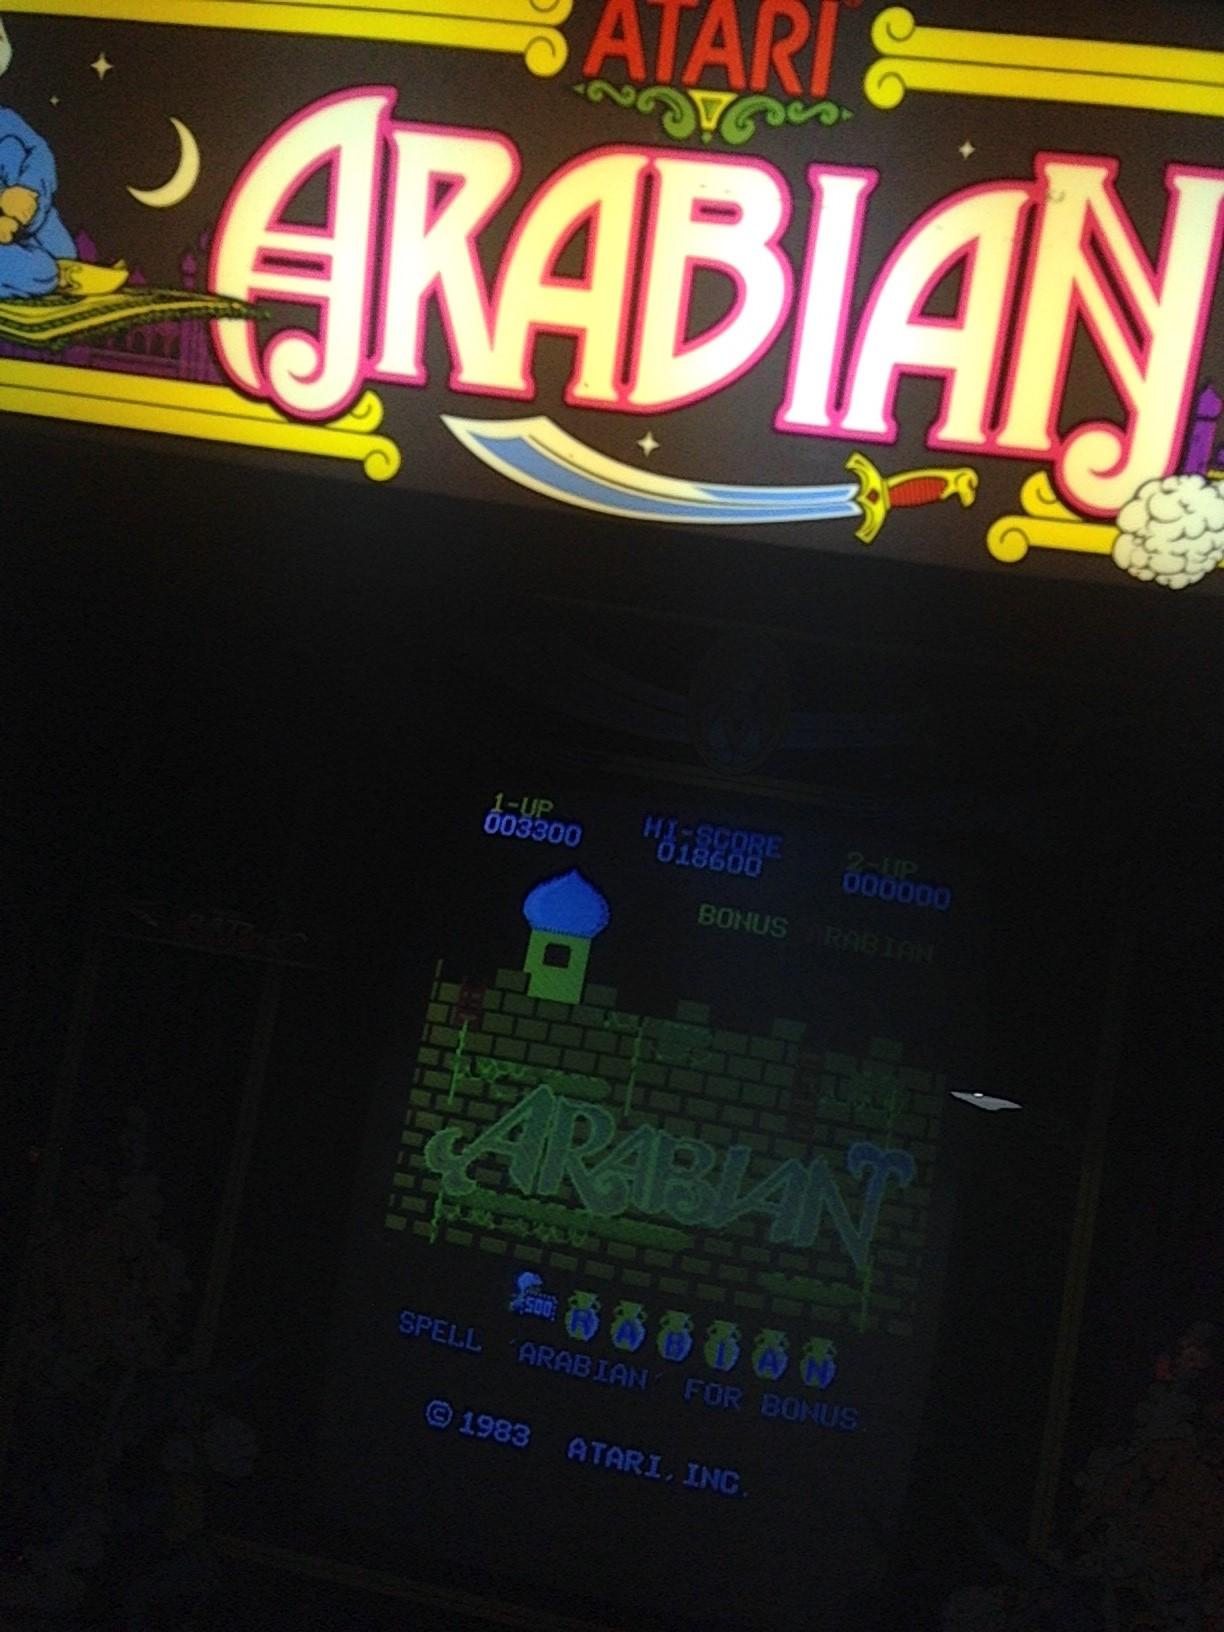 Arabian 3,300 points